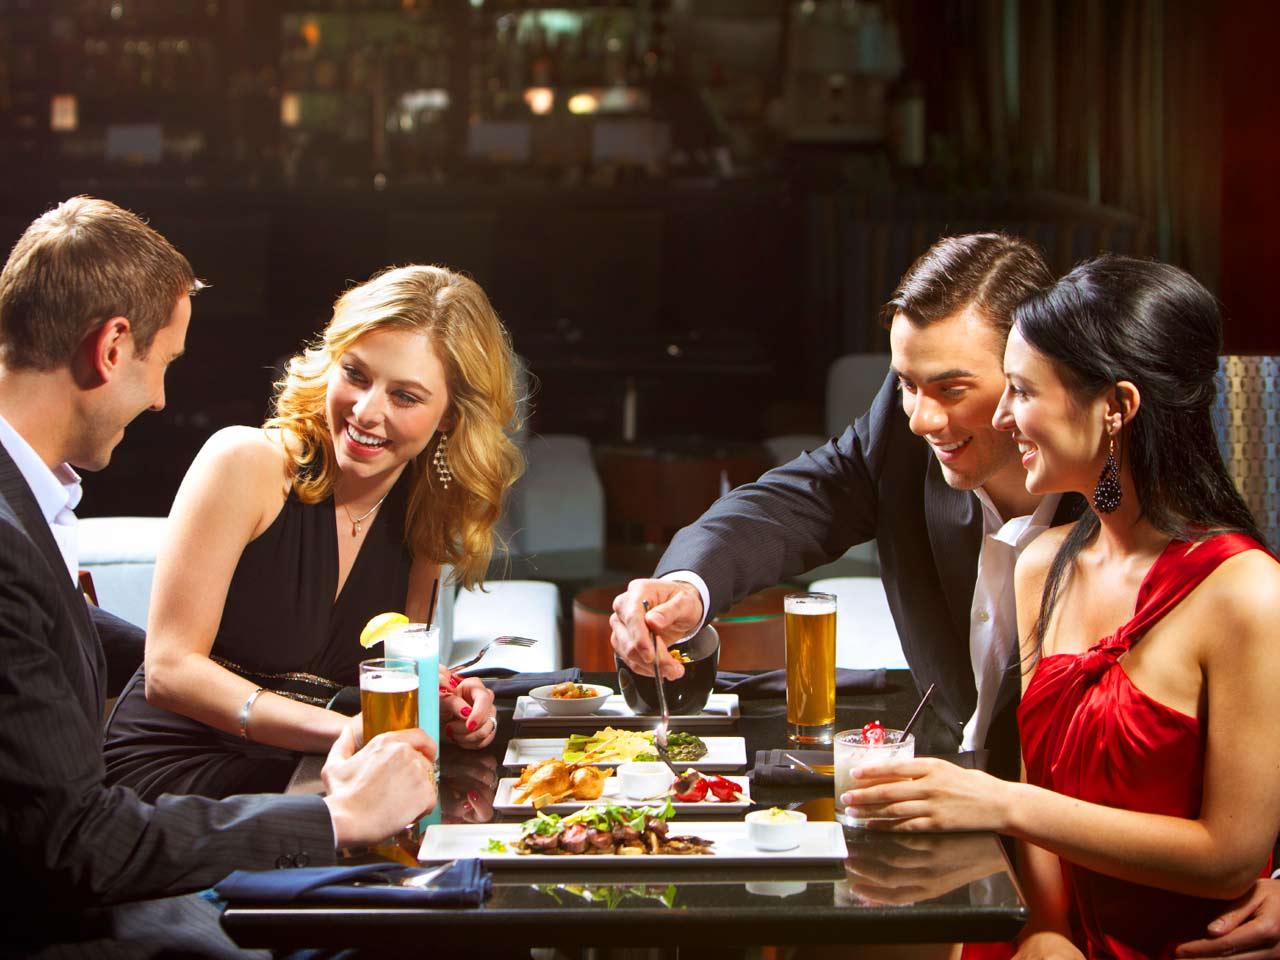 Những lưu ý cách ăn uống sai cách làm bạn tăng cân nhanh chóng3